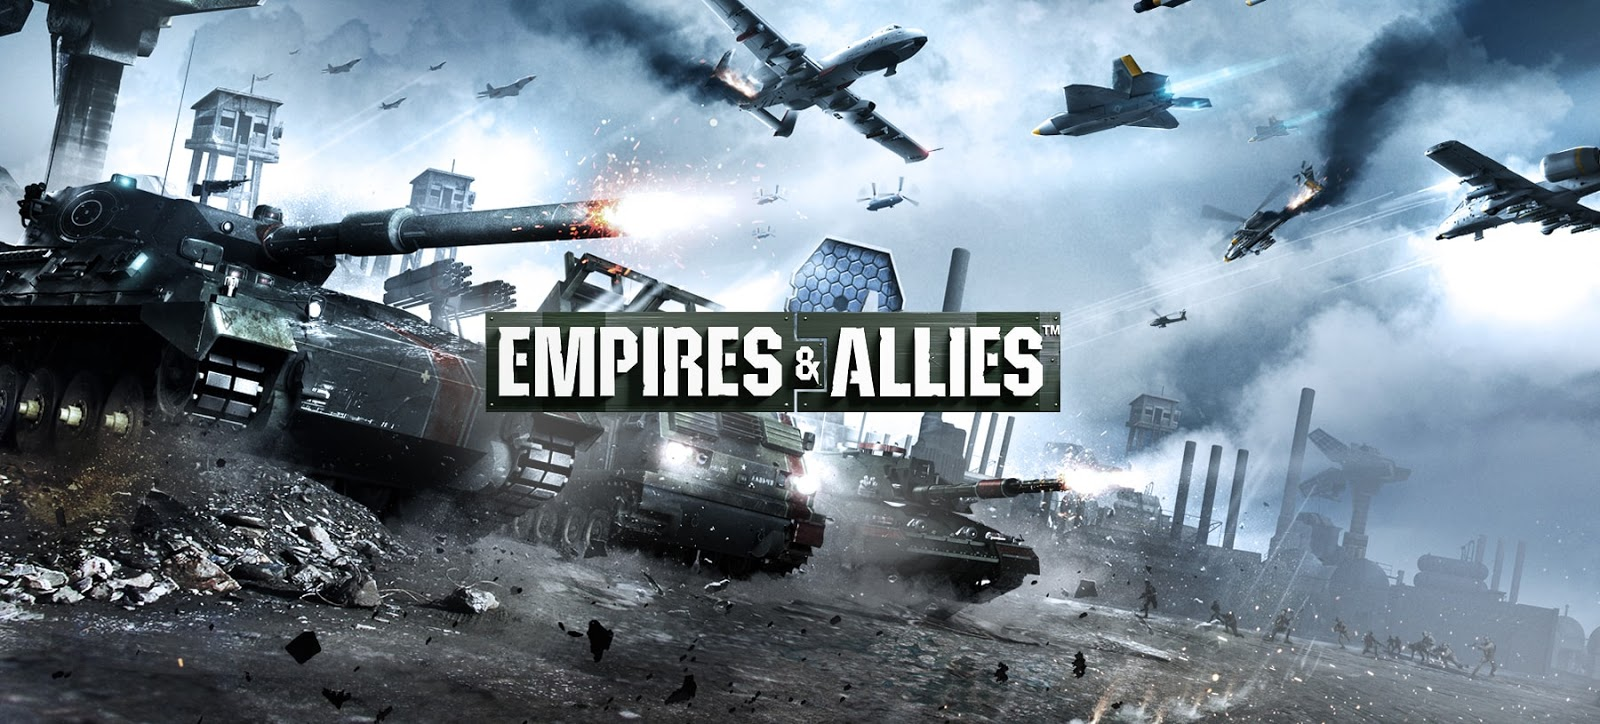 طريقة تحميل لعبة Empires Allies النسخة الأصلية للأندرويد و الايفون